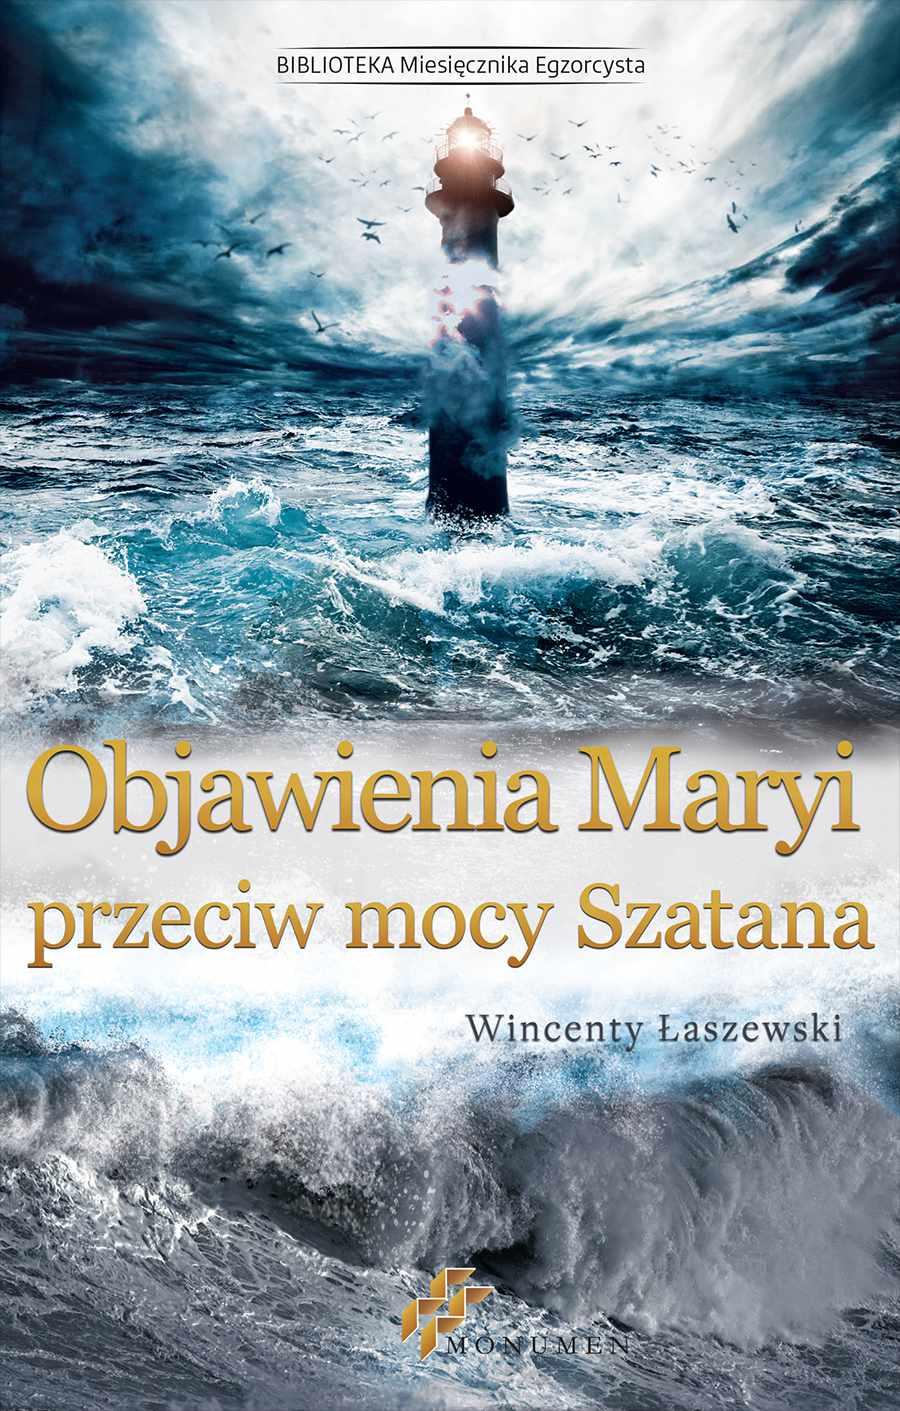 Objawienia Maryi przeciw mocy Szatana - Ebook (Książka PDF) do pobrania w formacie PDF